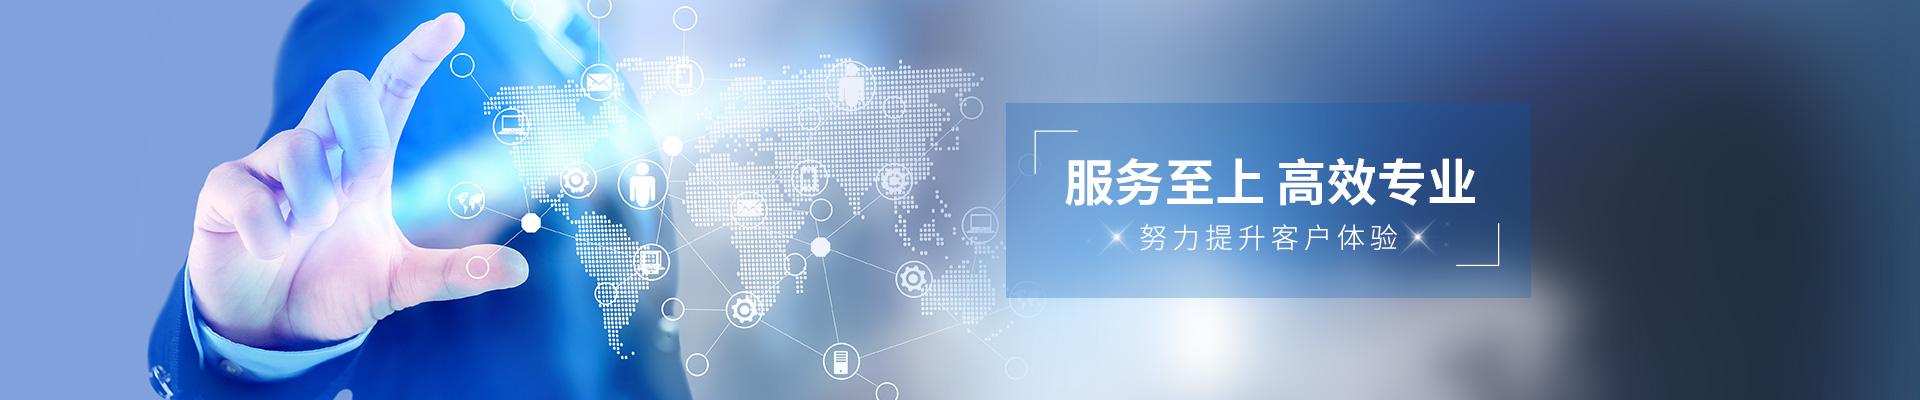 长宁区品质电子科技类型